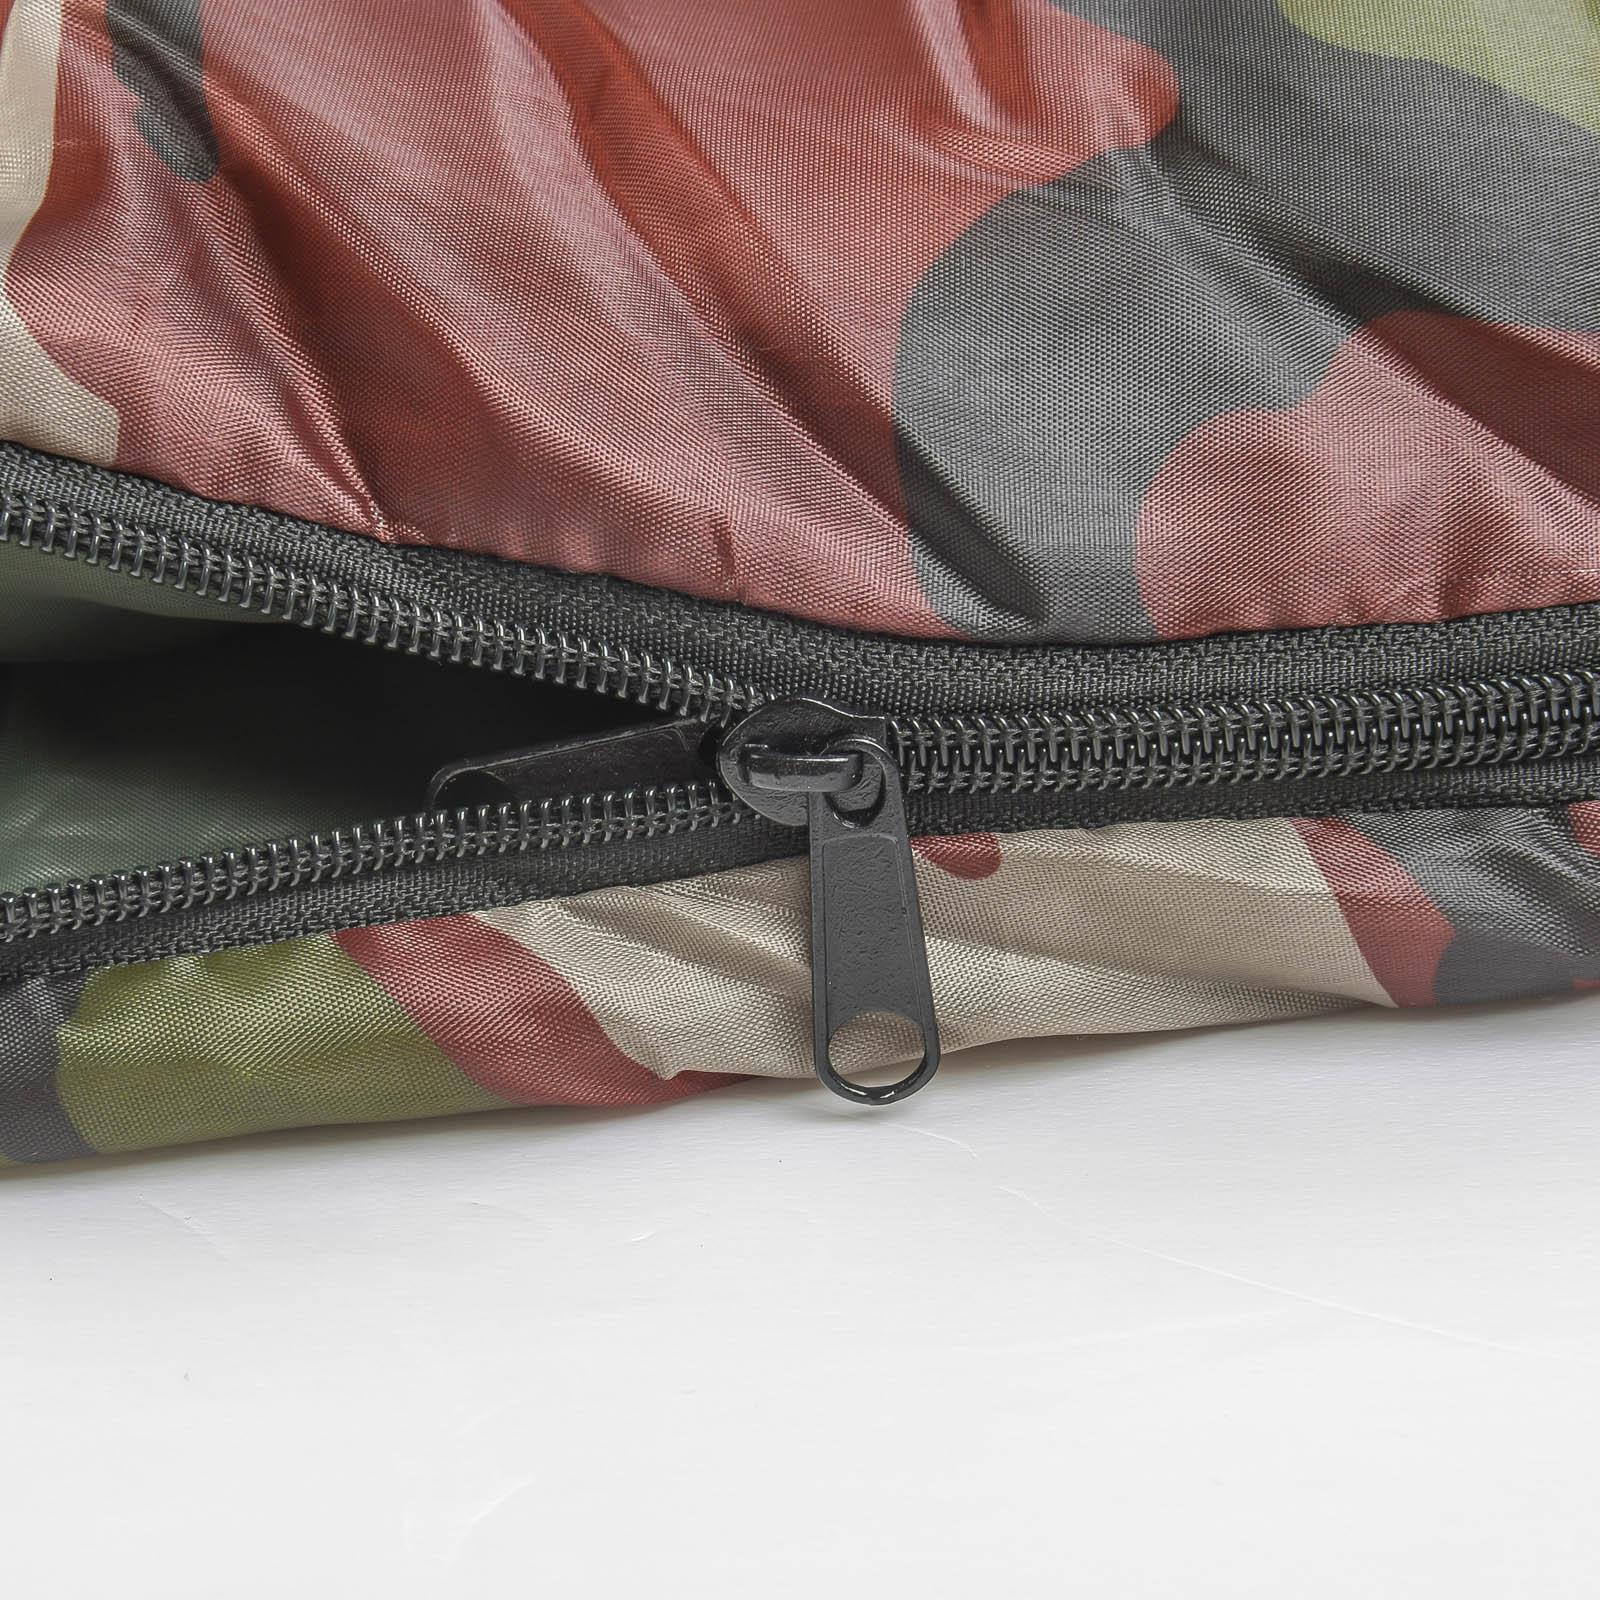 Теплые спальные мешки для армии и туризма